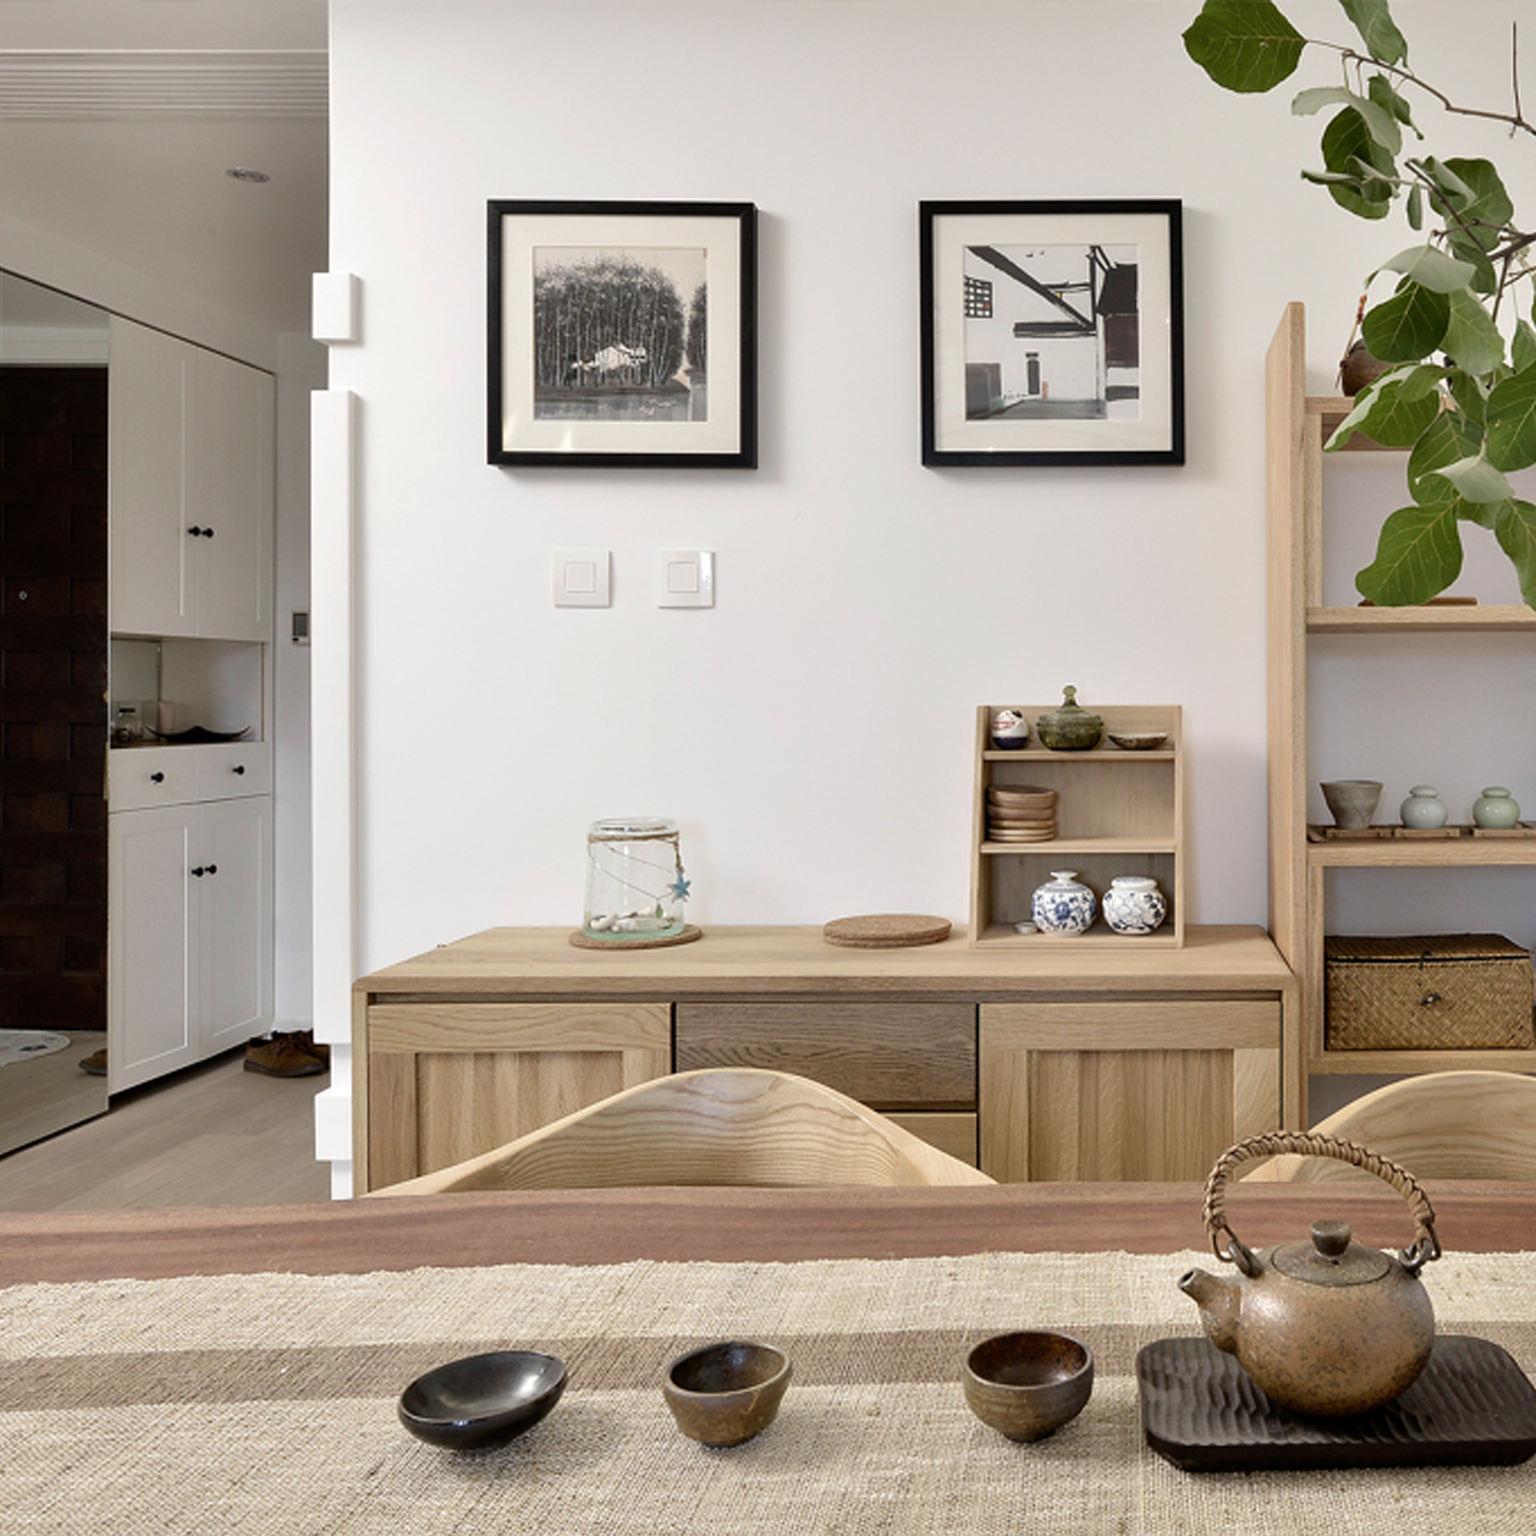 宜家日式家居相片墙效果图